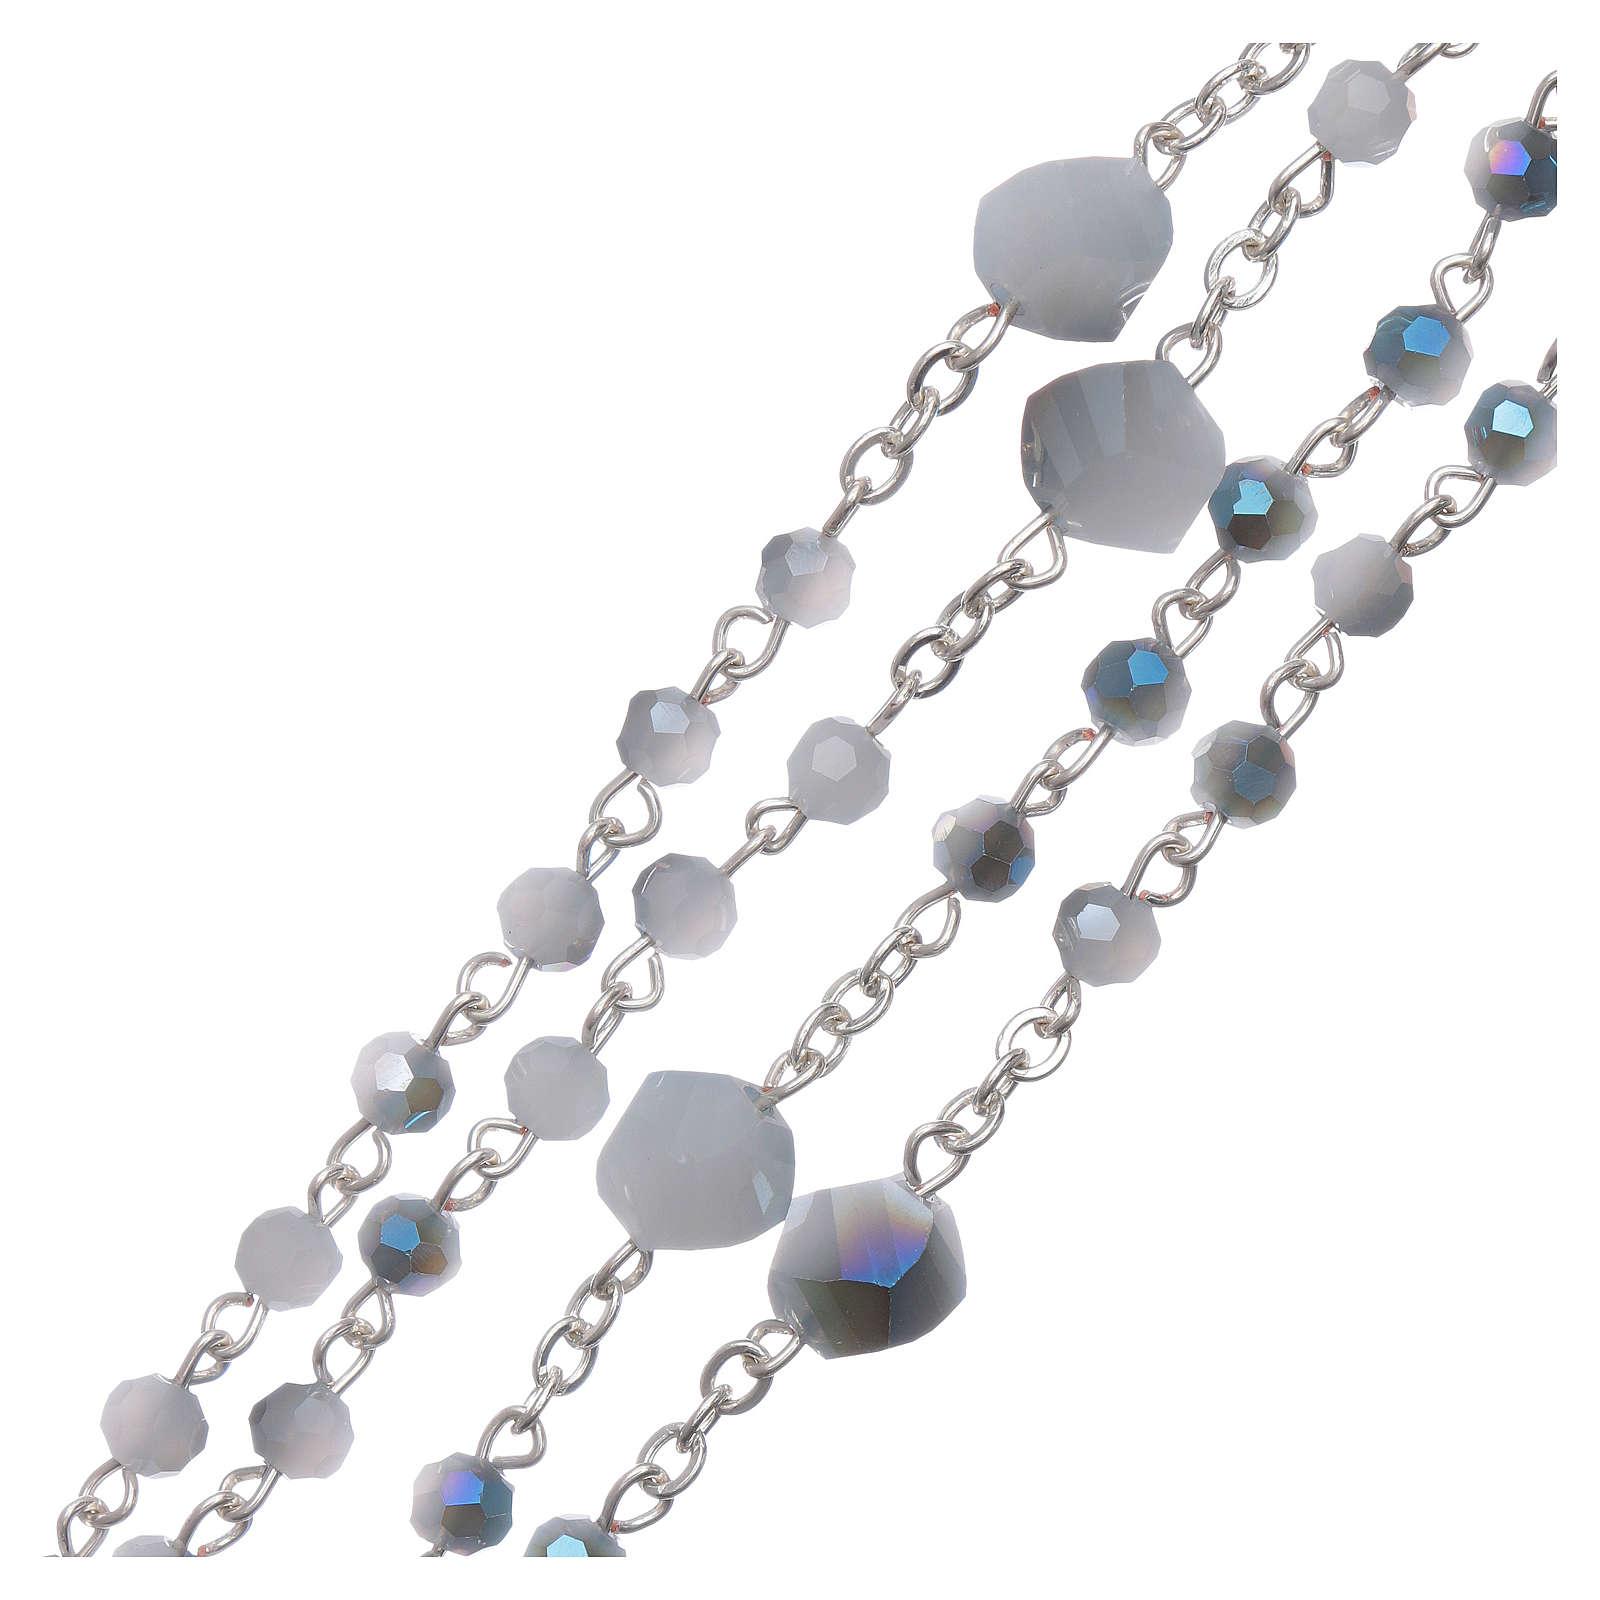 Rosario collana Medjugorje cristallo bianco azzurro 4 mm 4